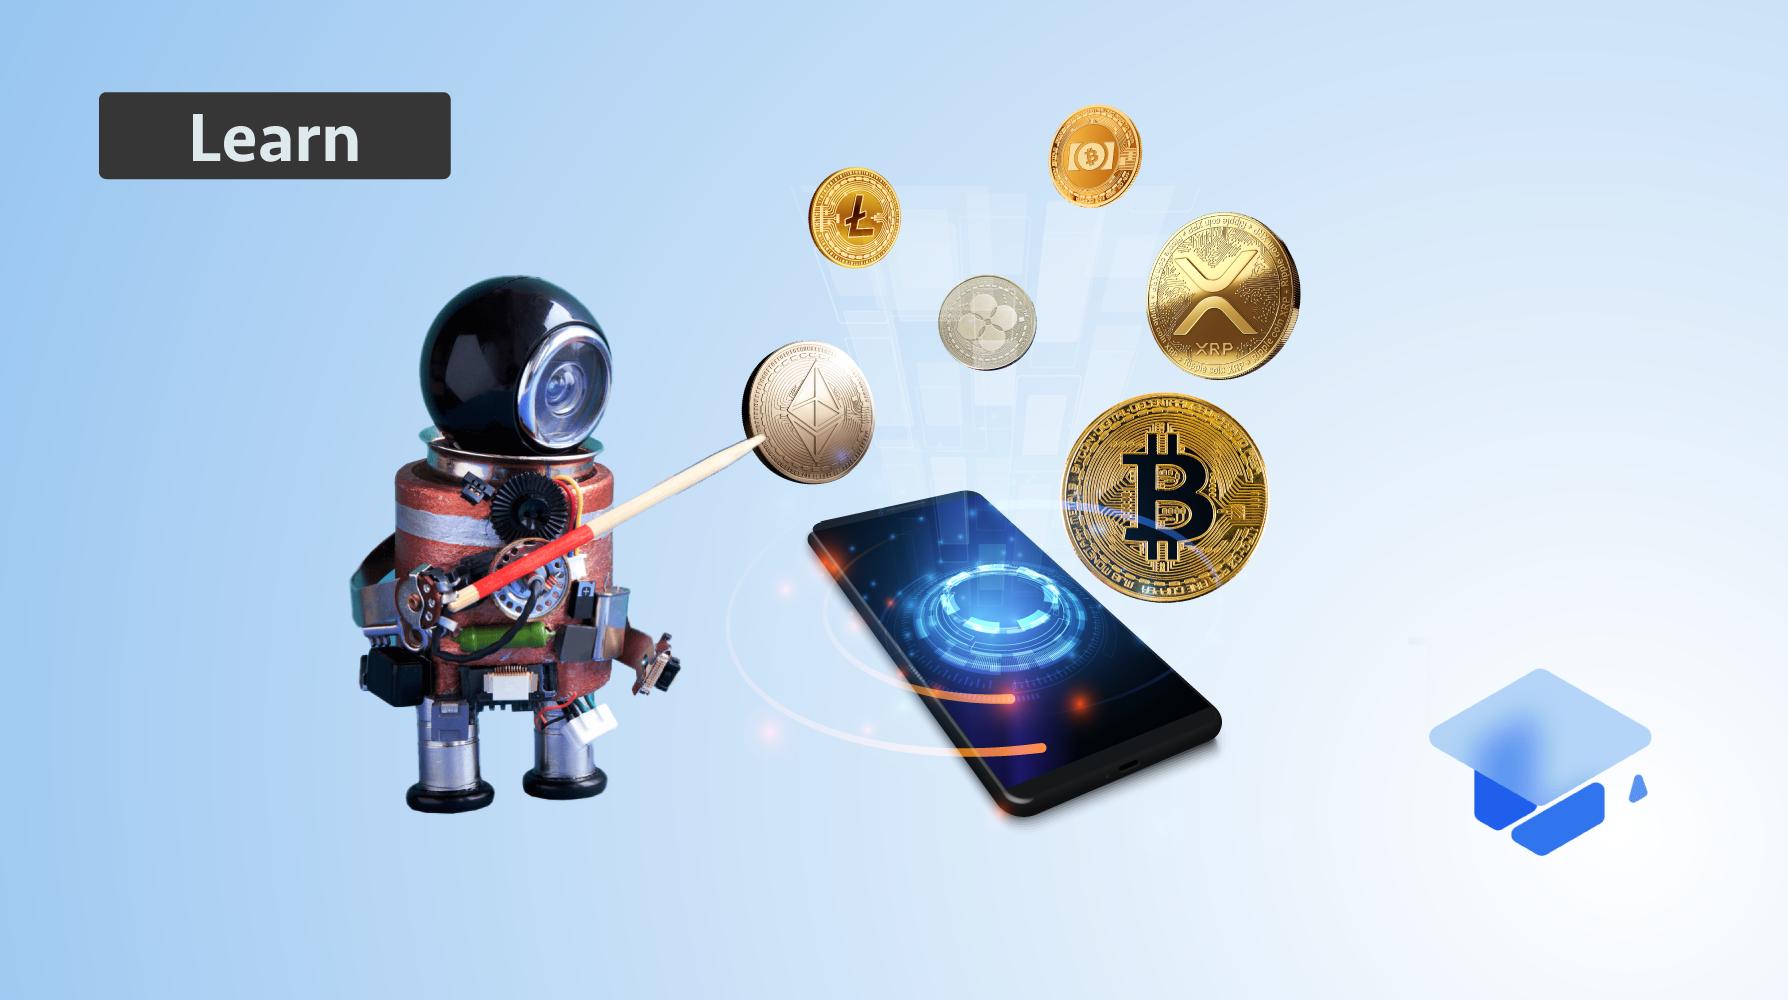 pigiausi bitcoin prekybos mokesčiai bitcoin trader shark tank mexico capitulo